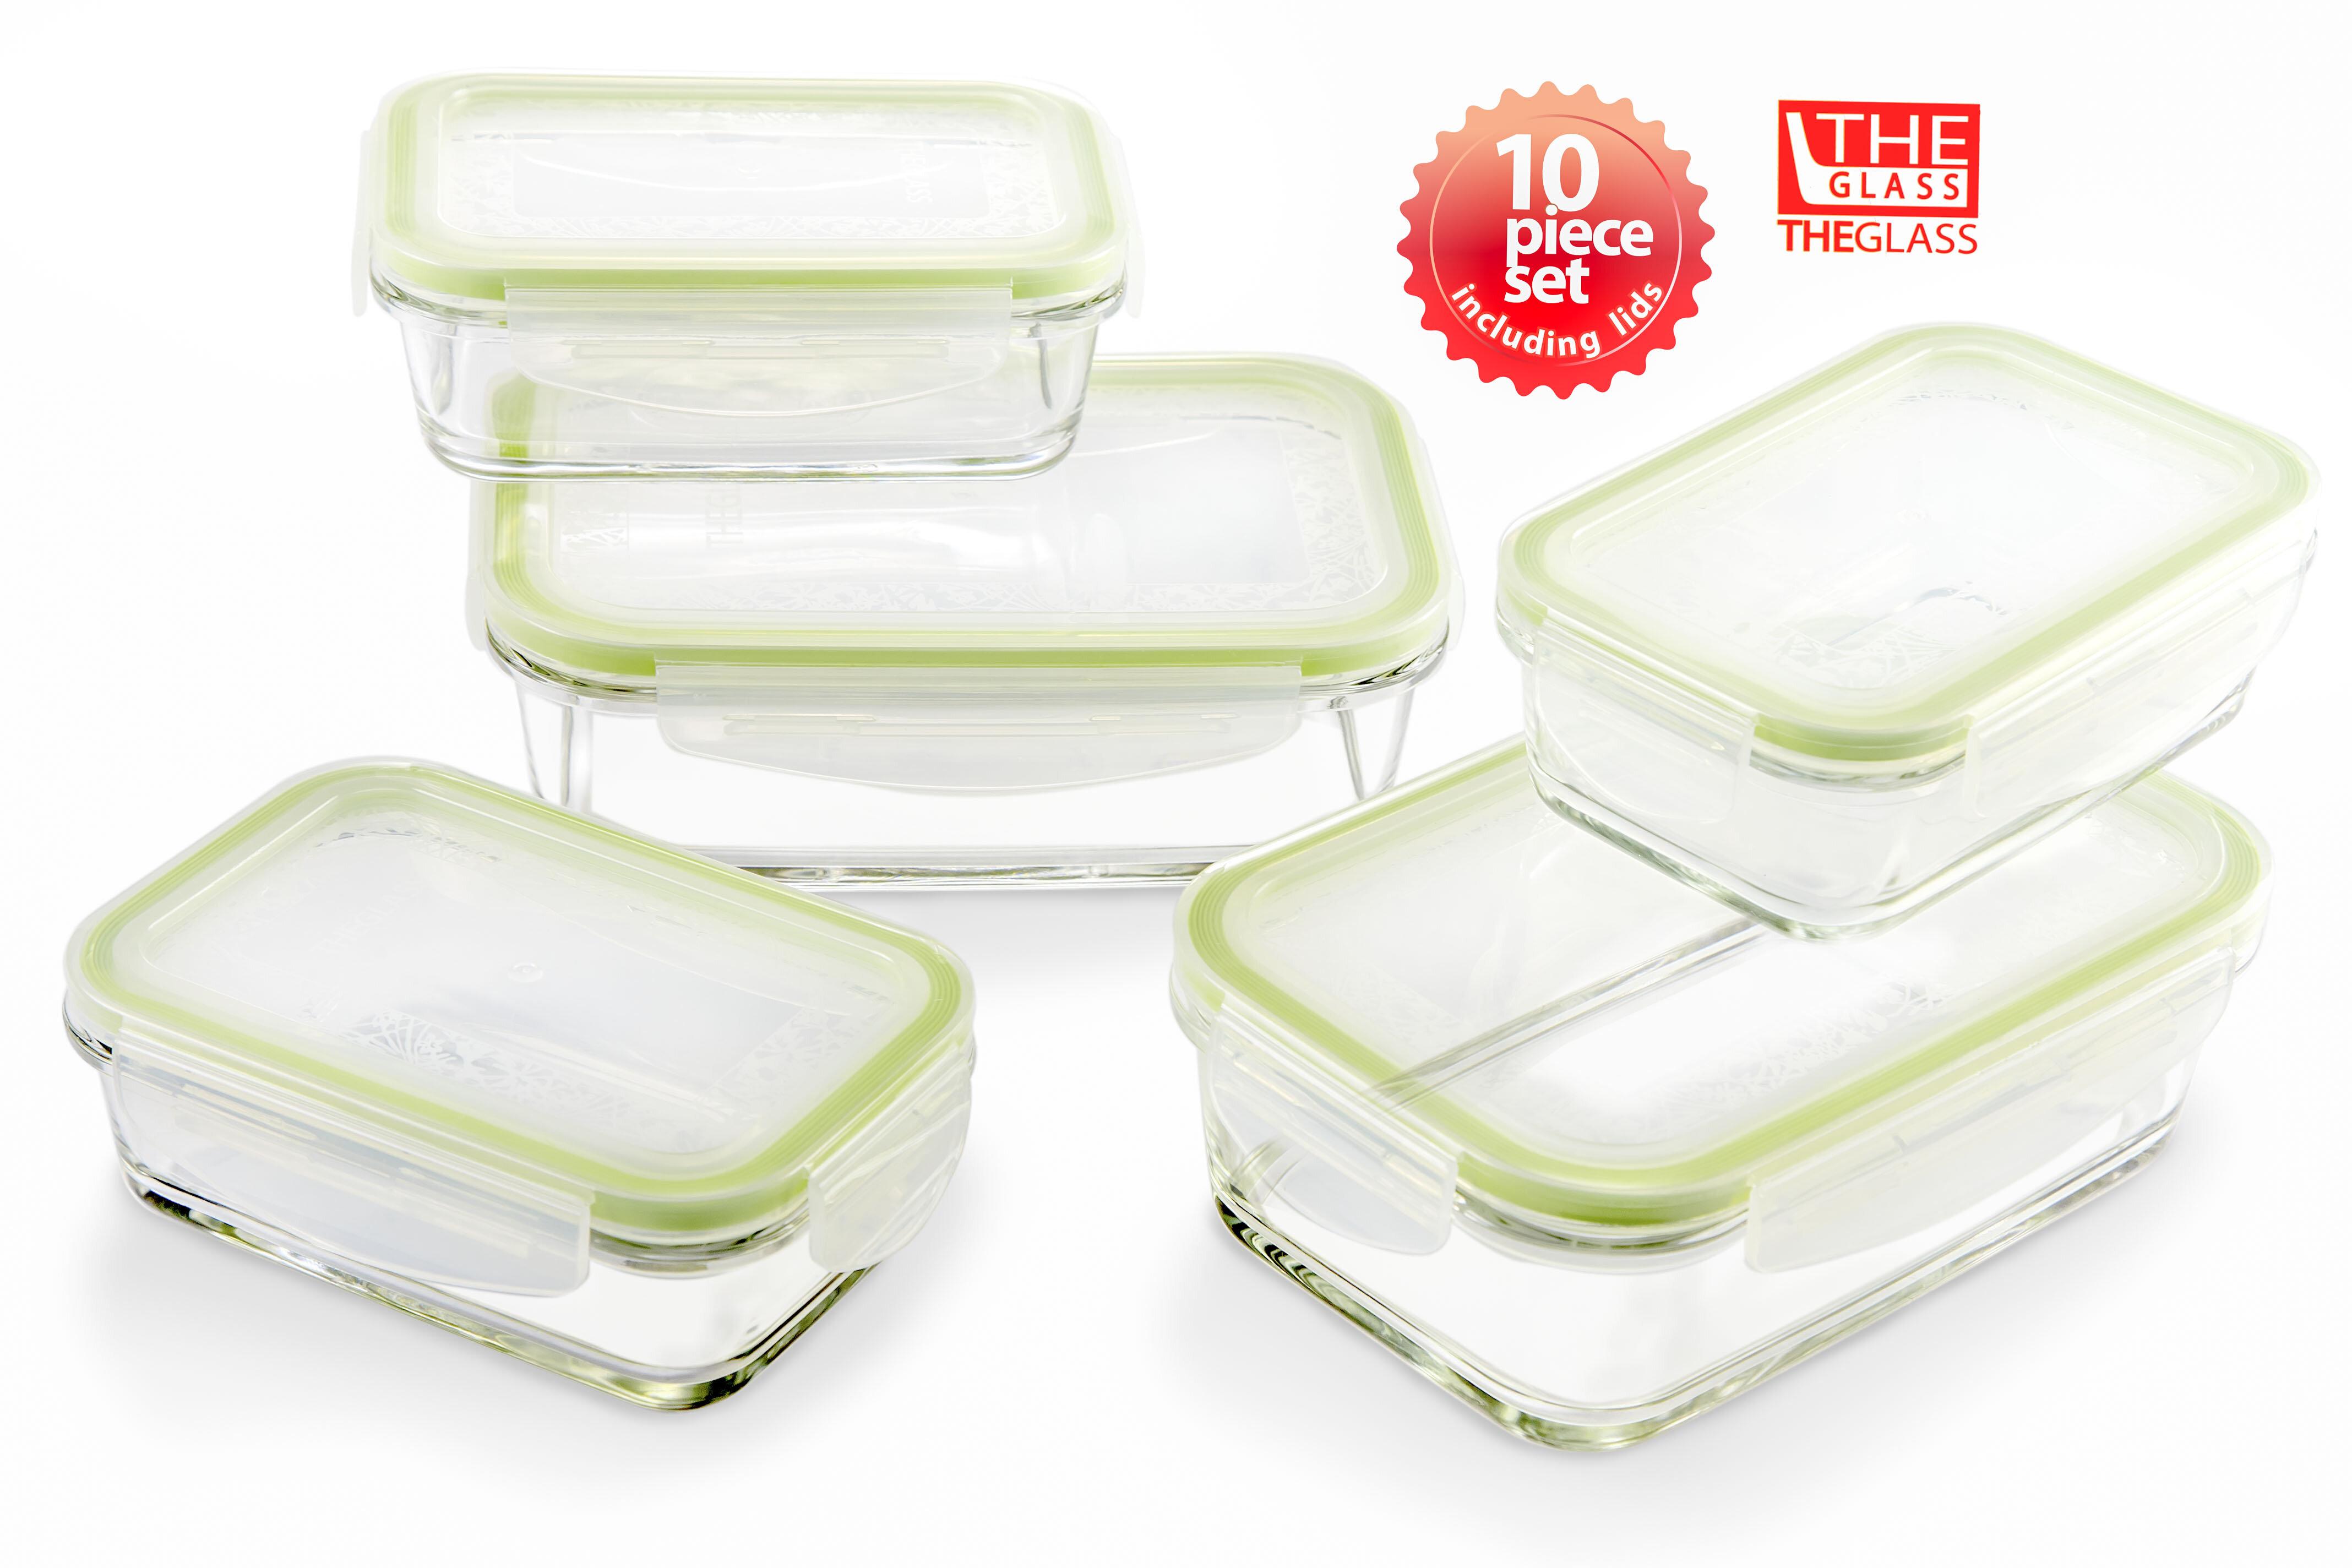 24c9d532313b Rectangular 5 Container Food Container Set